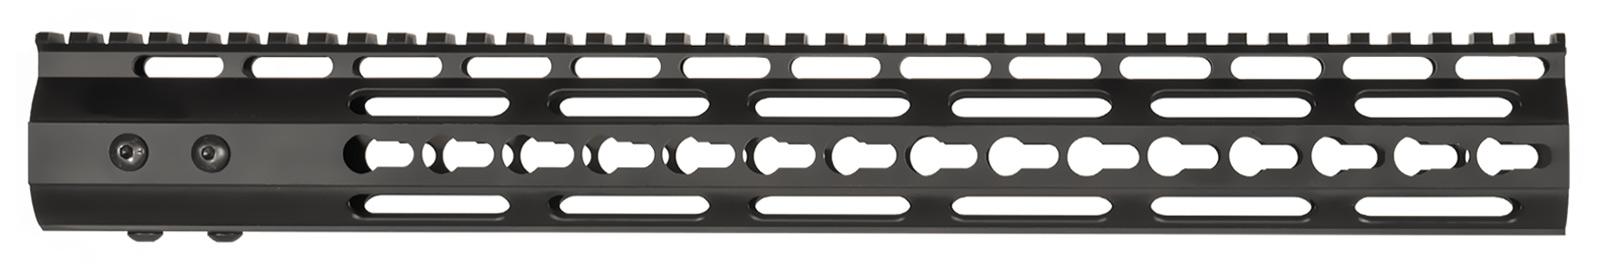 ar15-rail-15-inch-slim-keymod-handguard-rail-120007